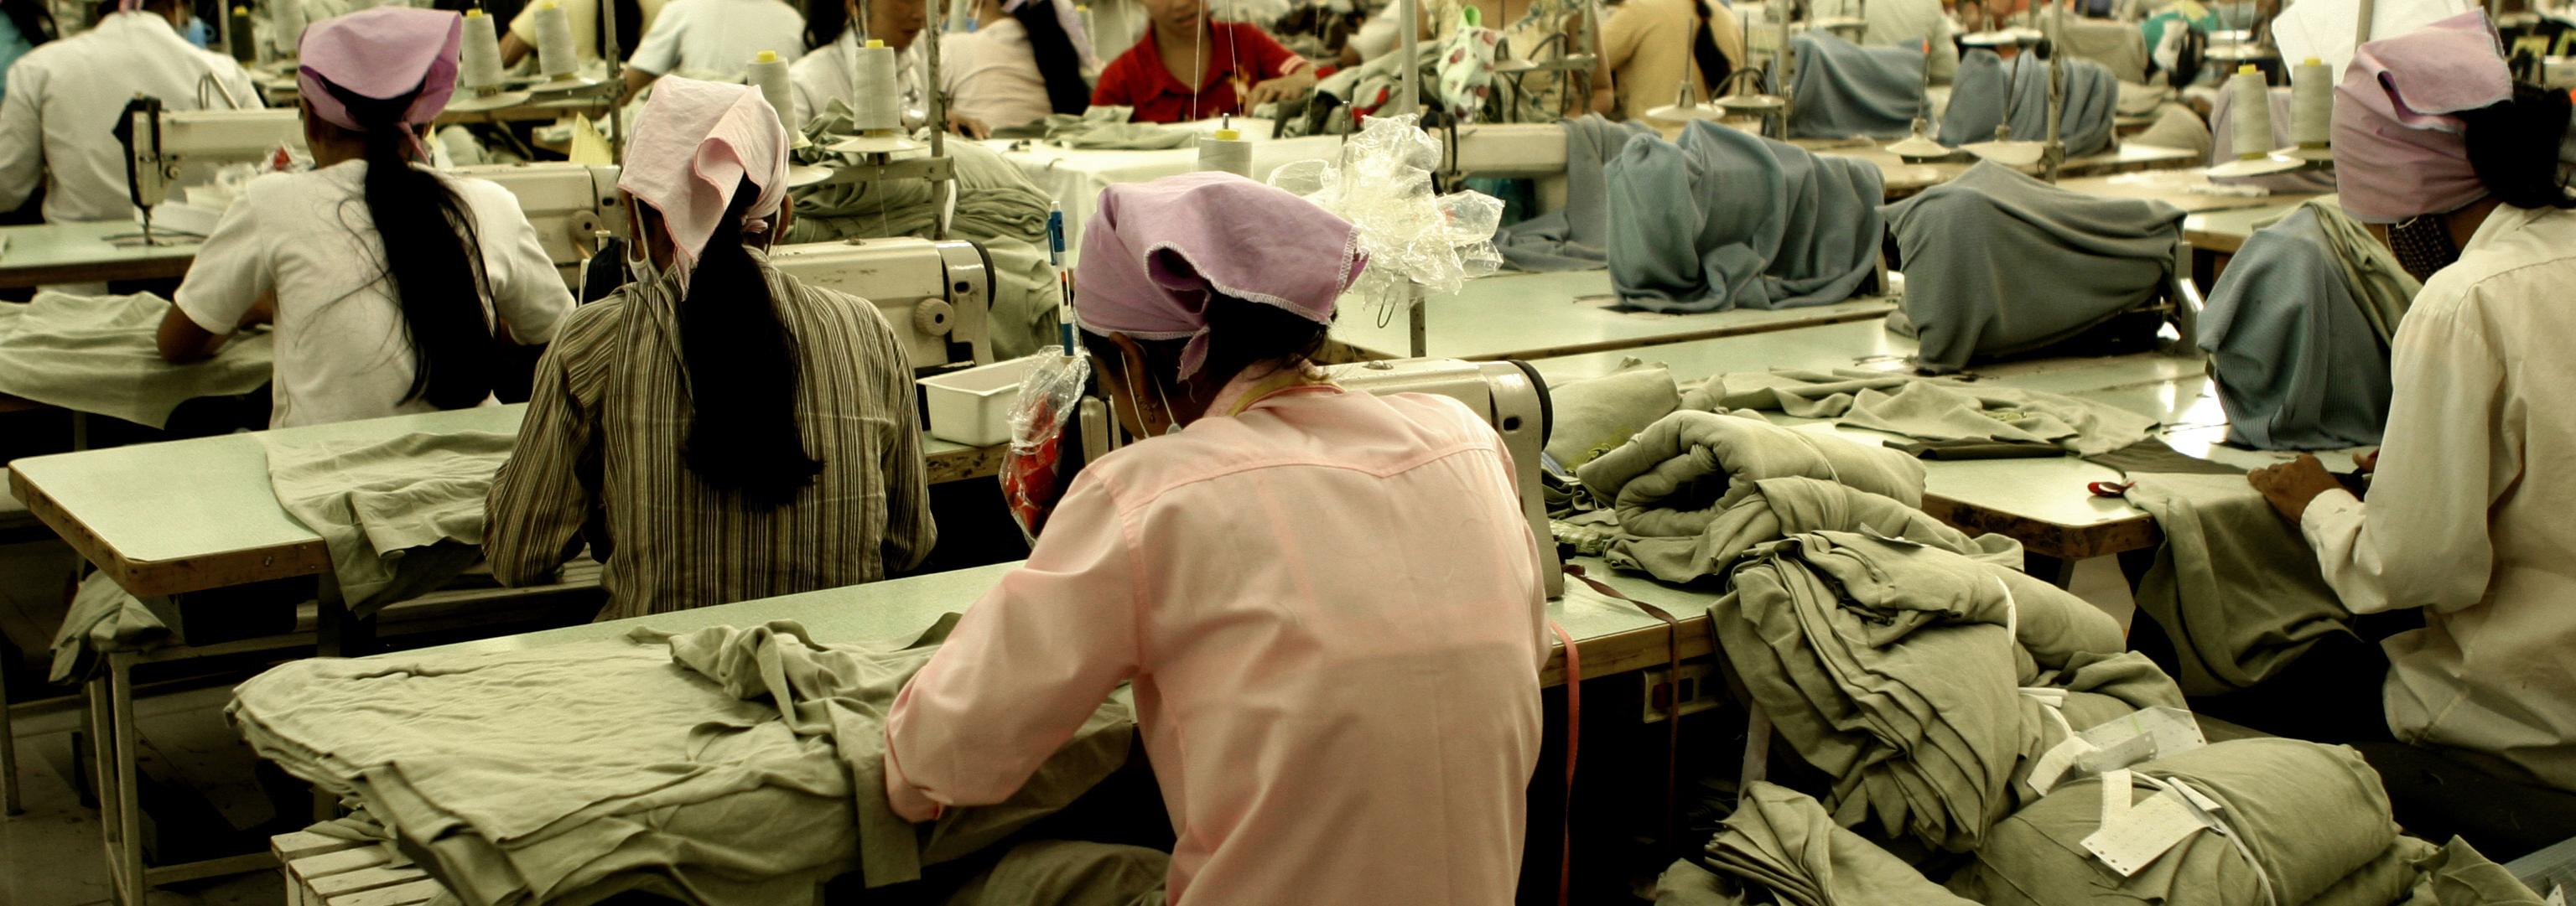 Enfant qui travaille dans une usine de matériel